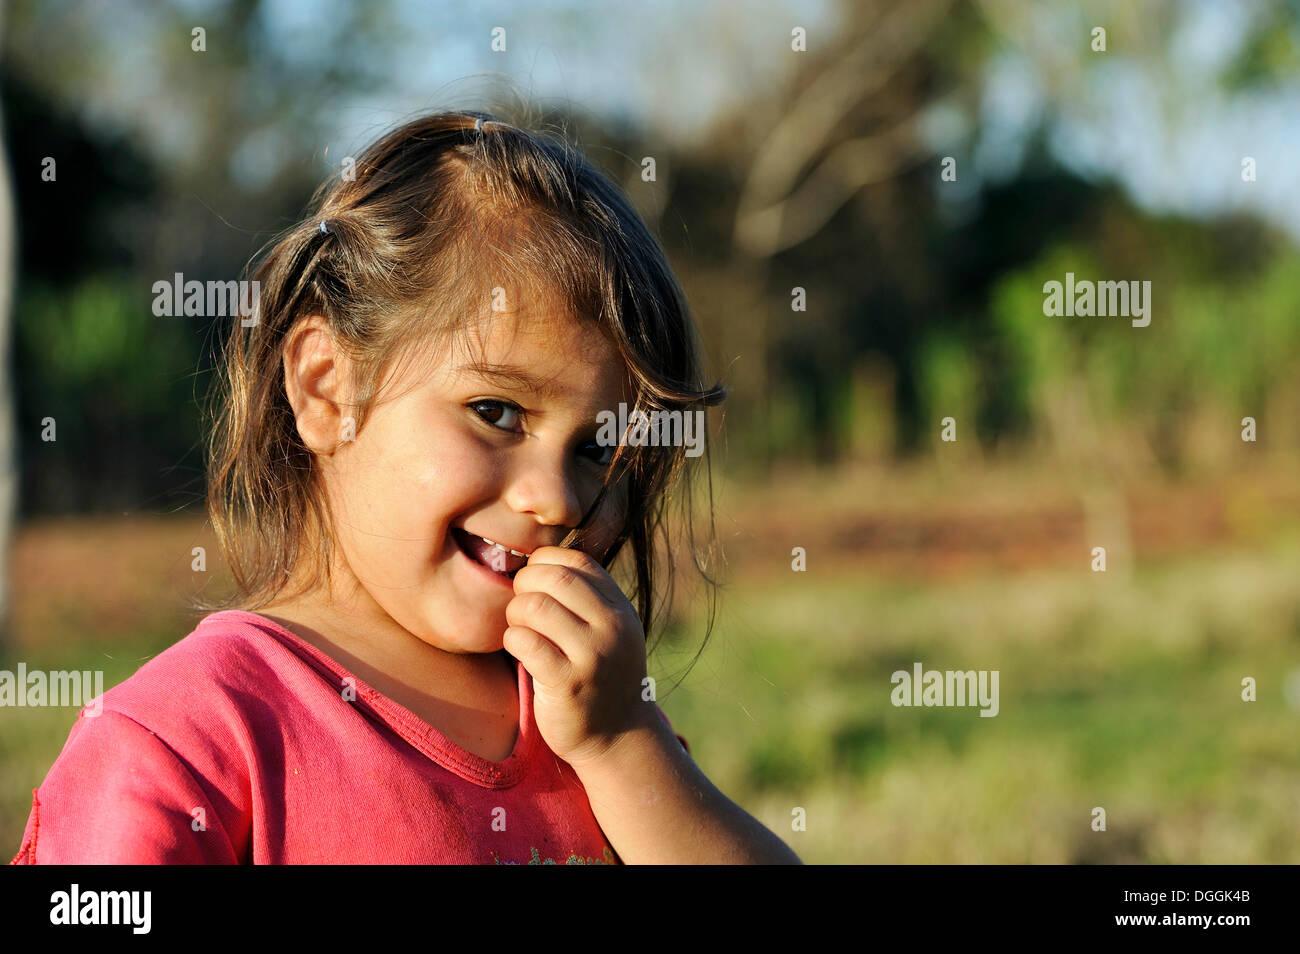 Girl, 3, Pastoreo, Caaguazú Department, Paraguay - Stock Image